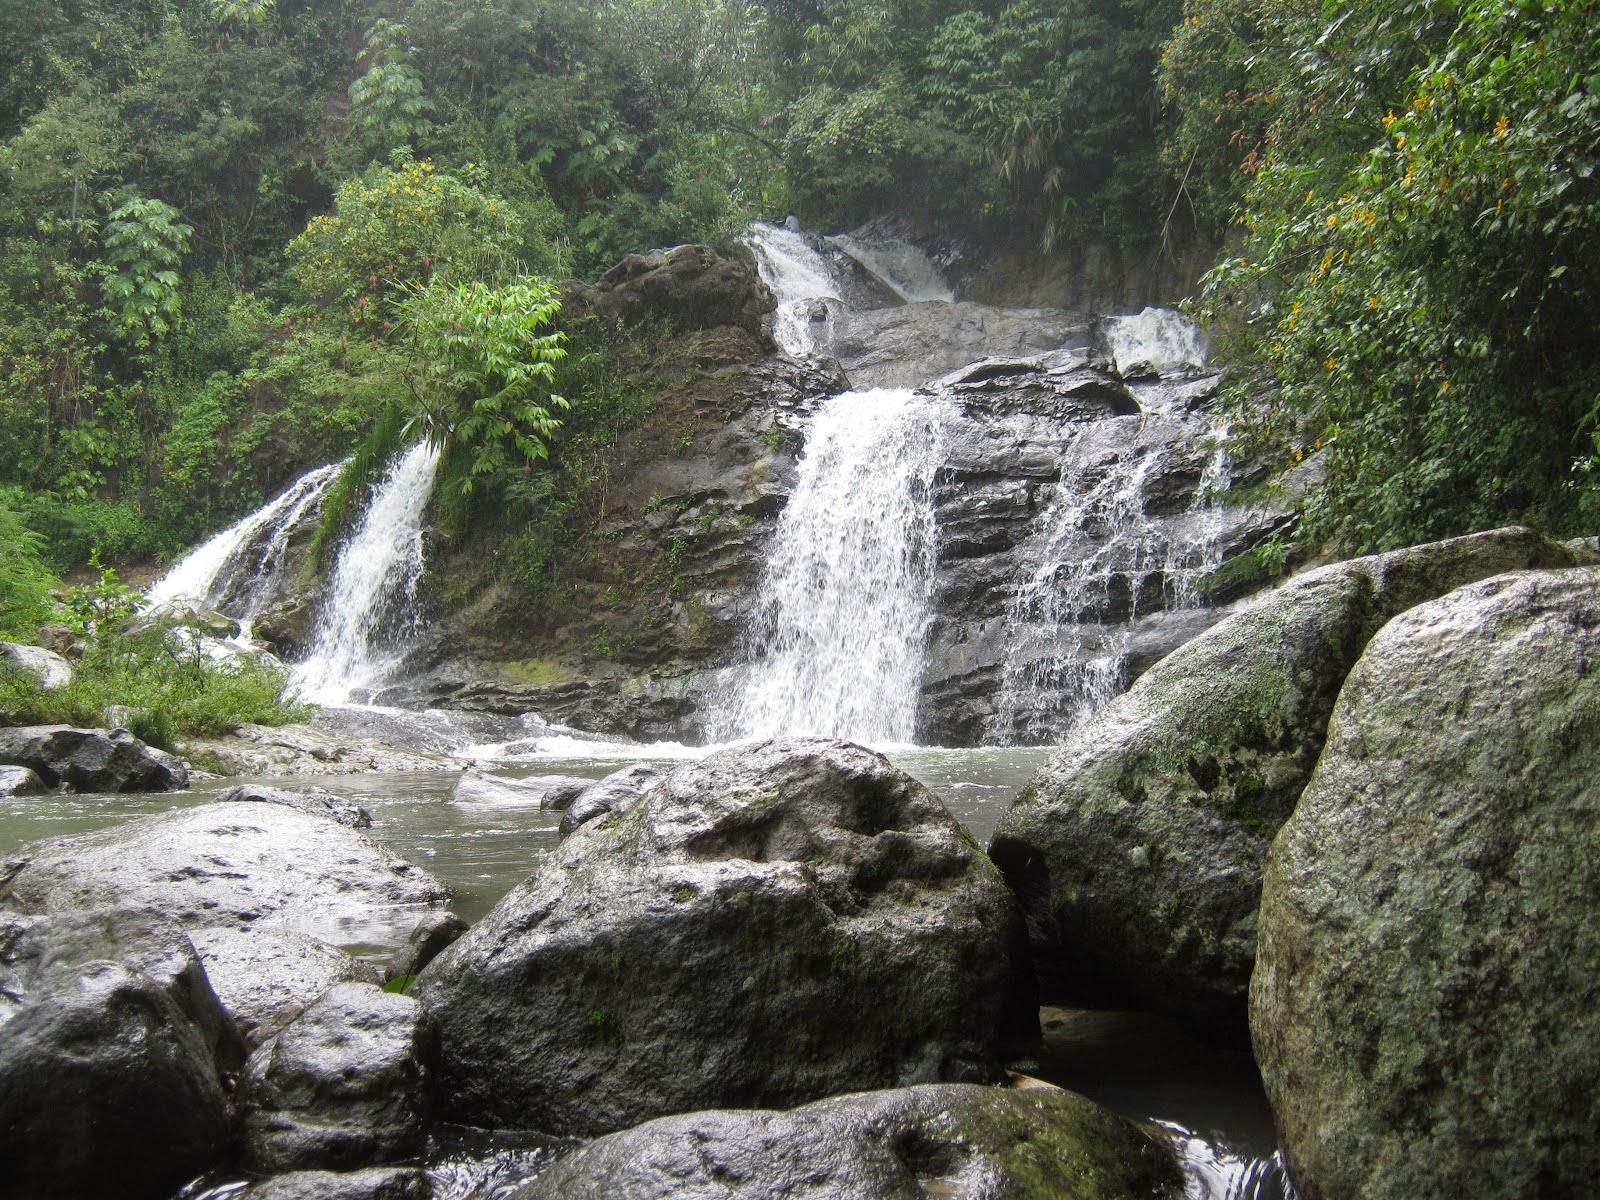 Daftar Tempat Wisata Di Wonogiri Jawa Tengah